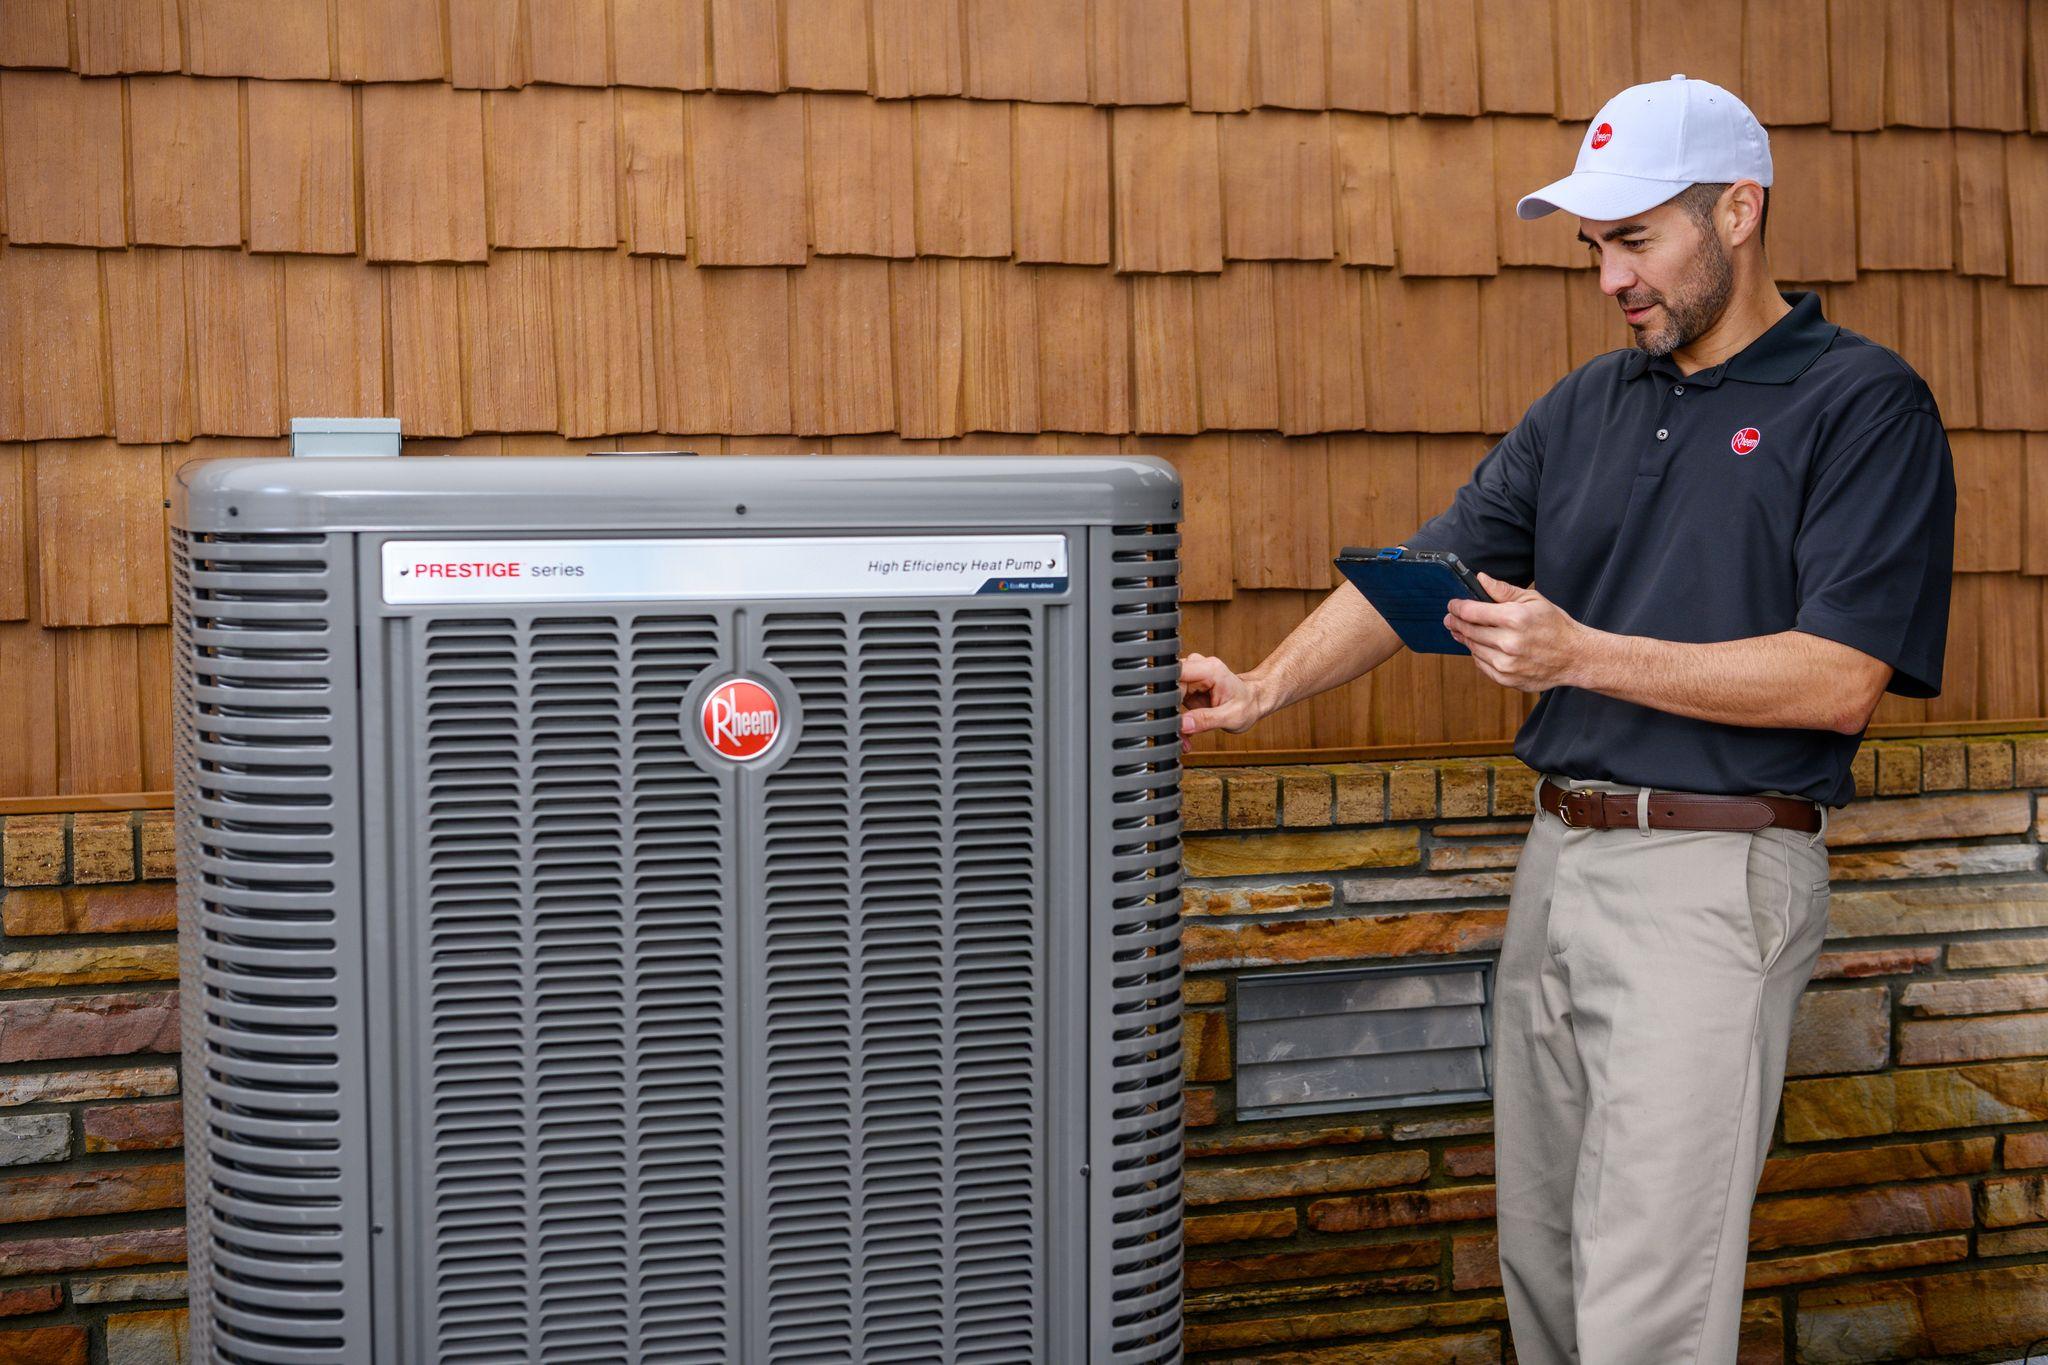 furnace repair experts